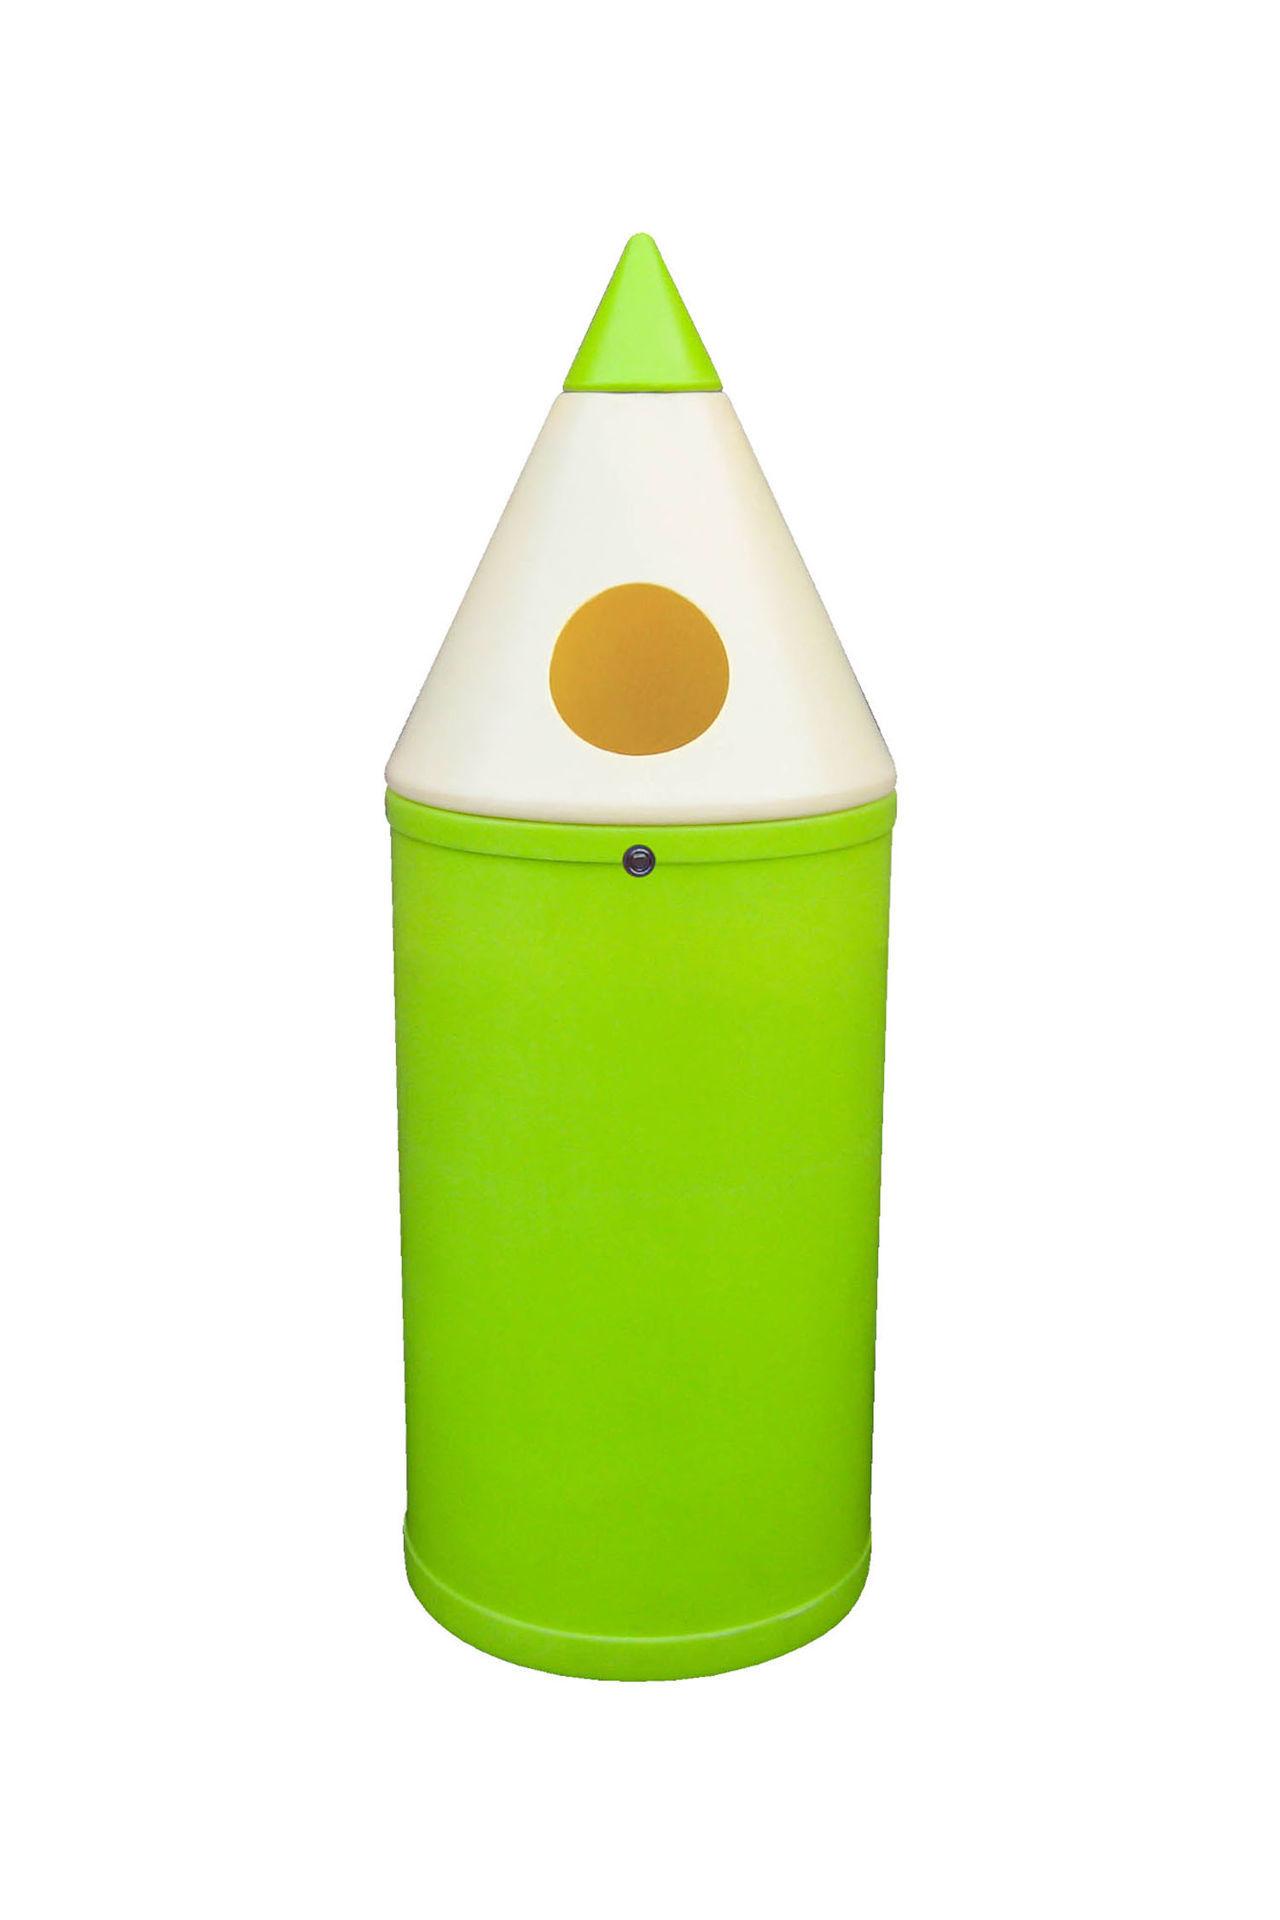 Poubelle crayon ludique espace jeux